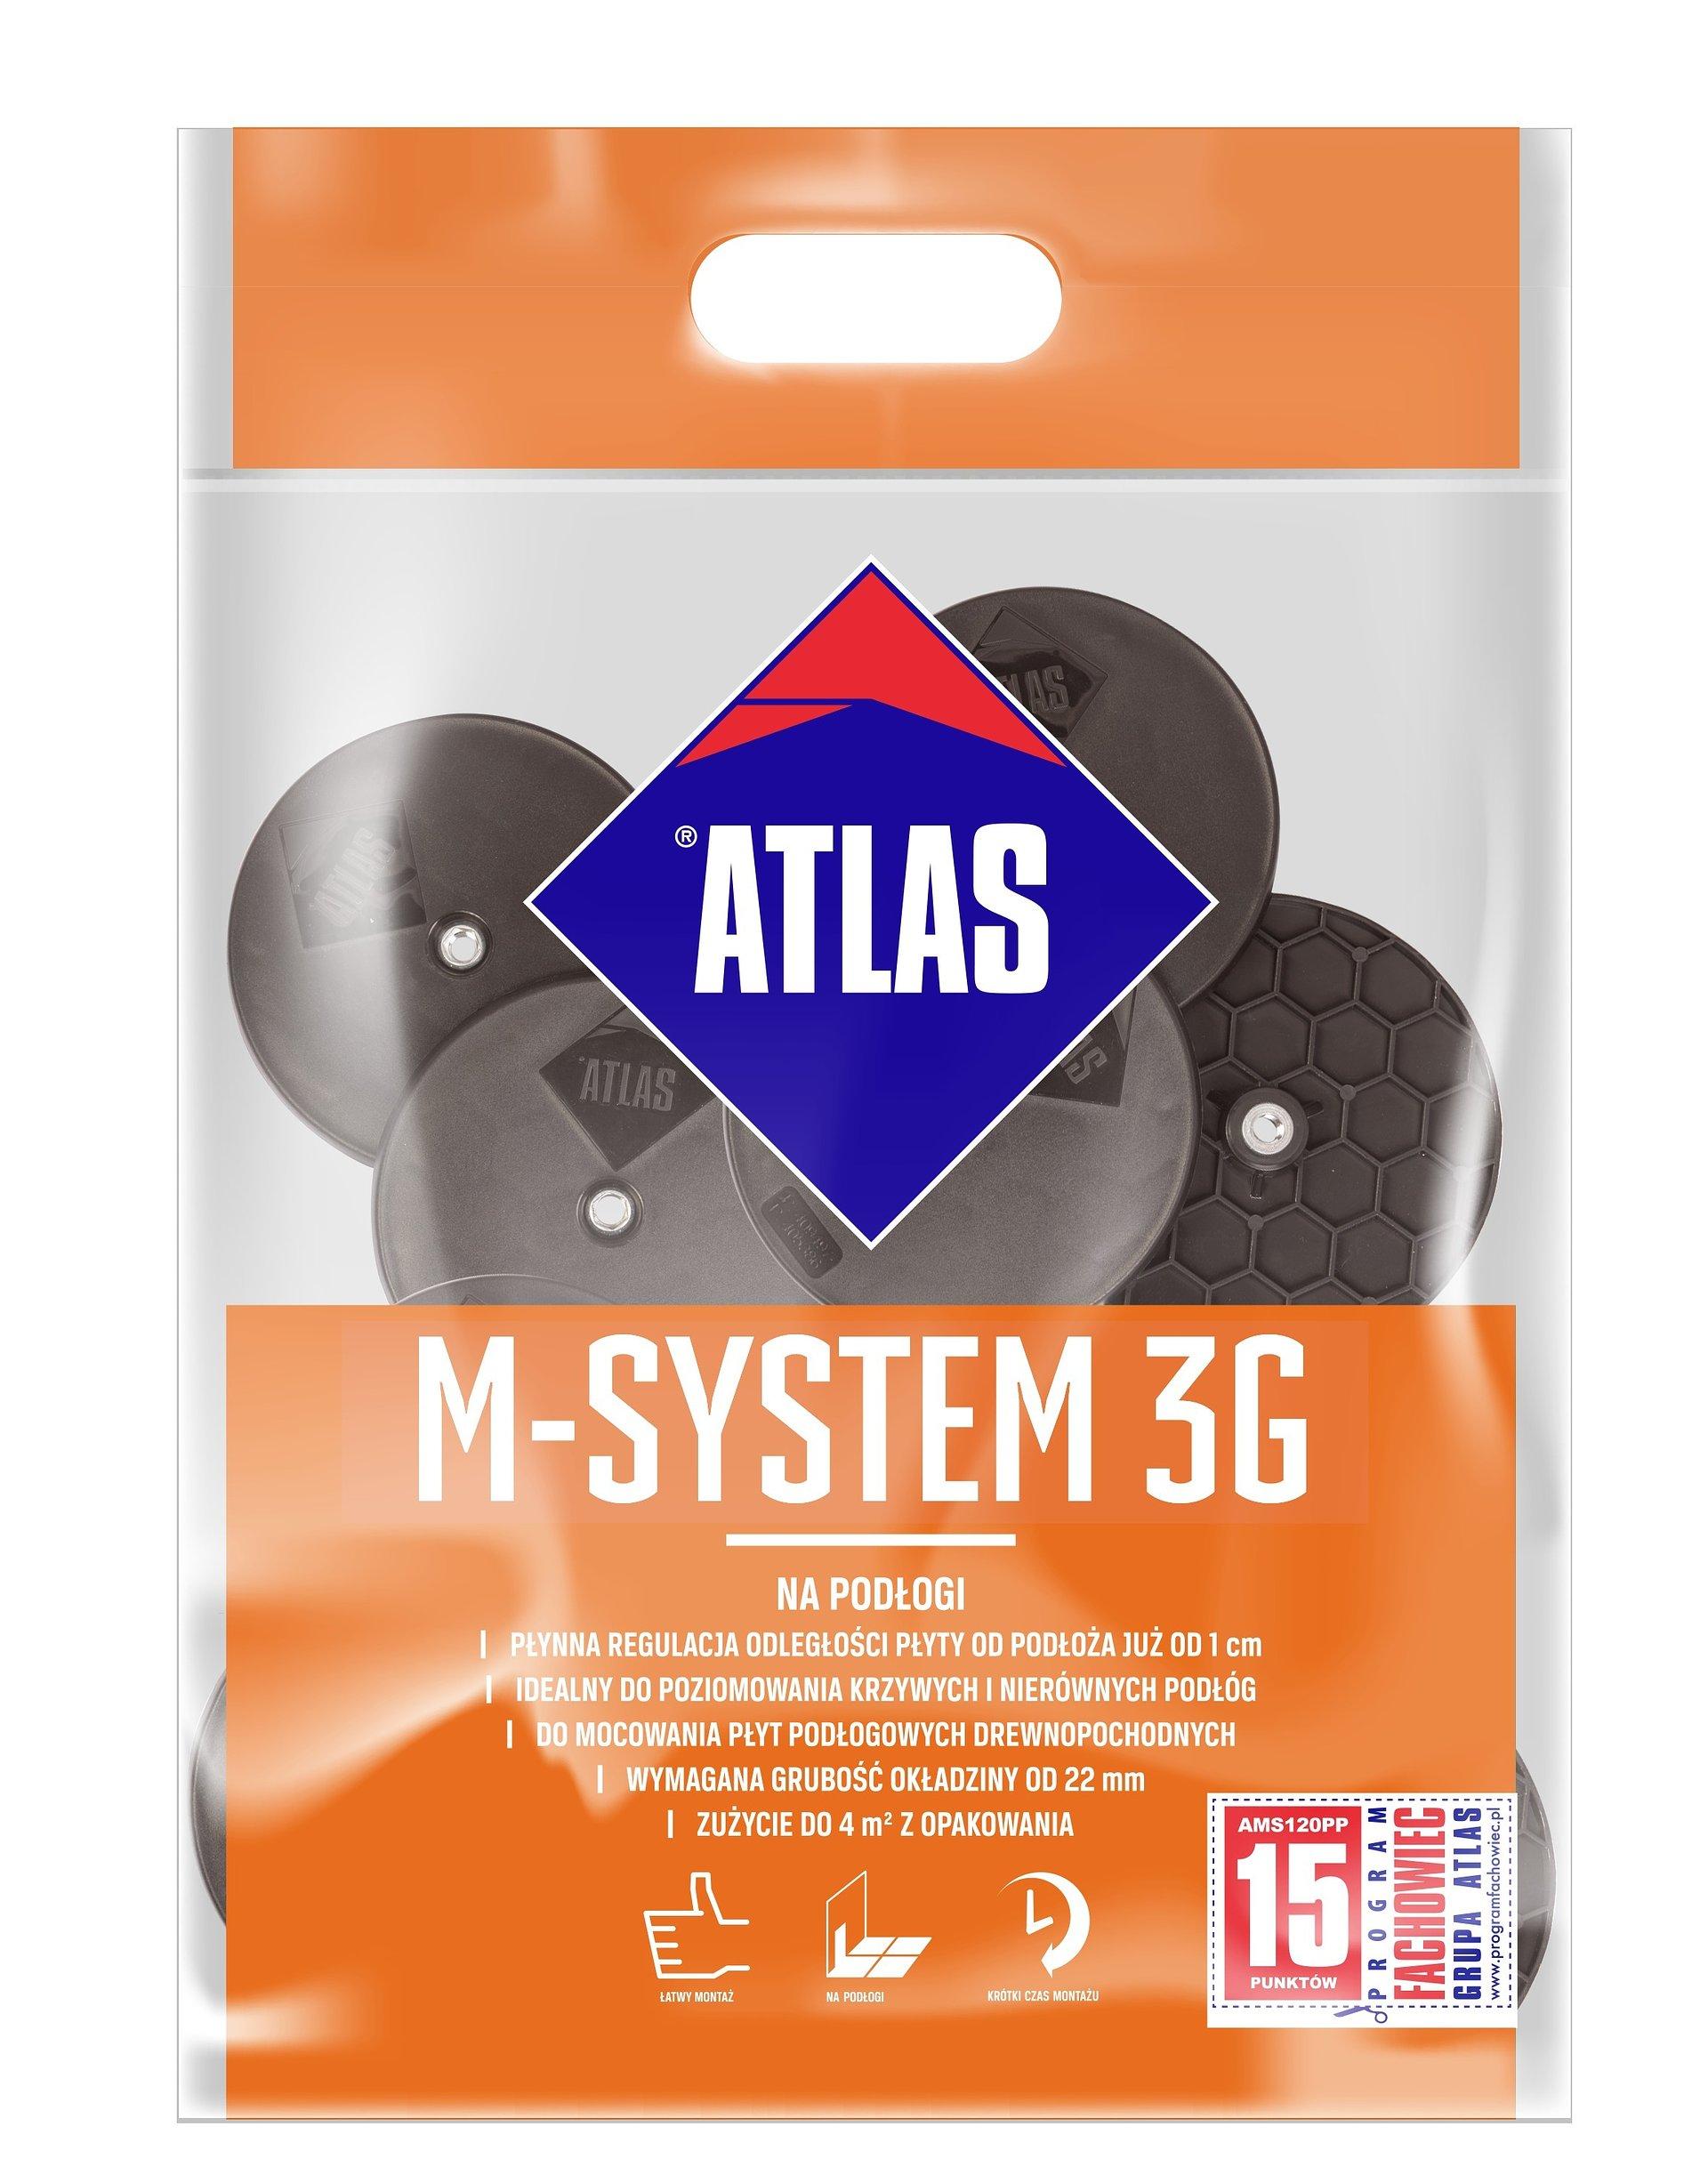 ATLAS M-System 3G w nowej odsłonie. Możemy go zamontować także na podłogach!